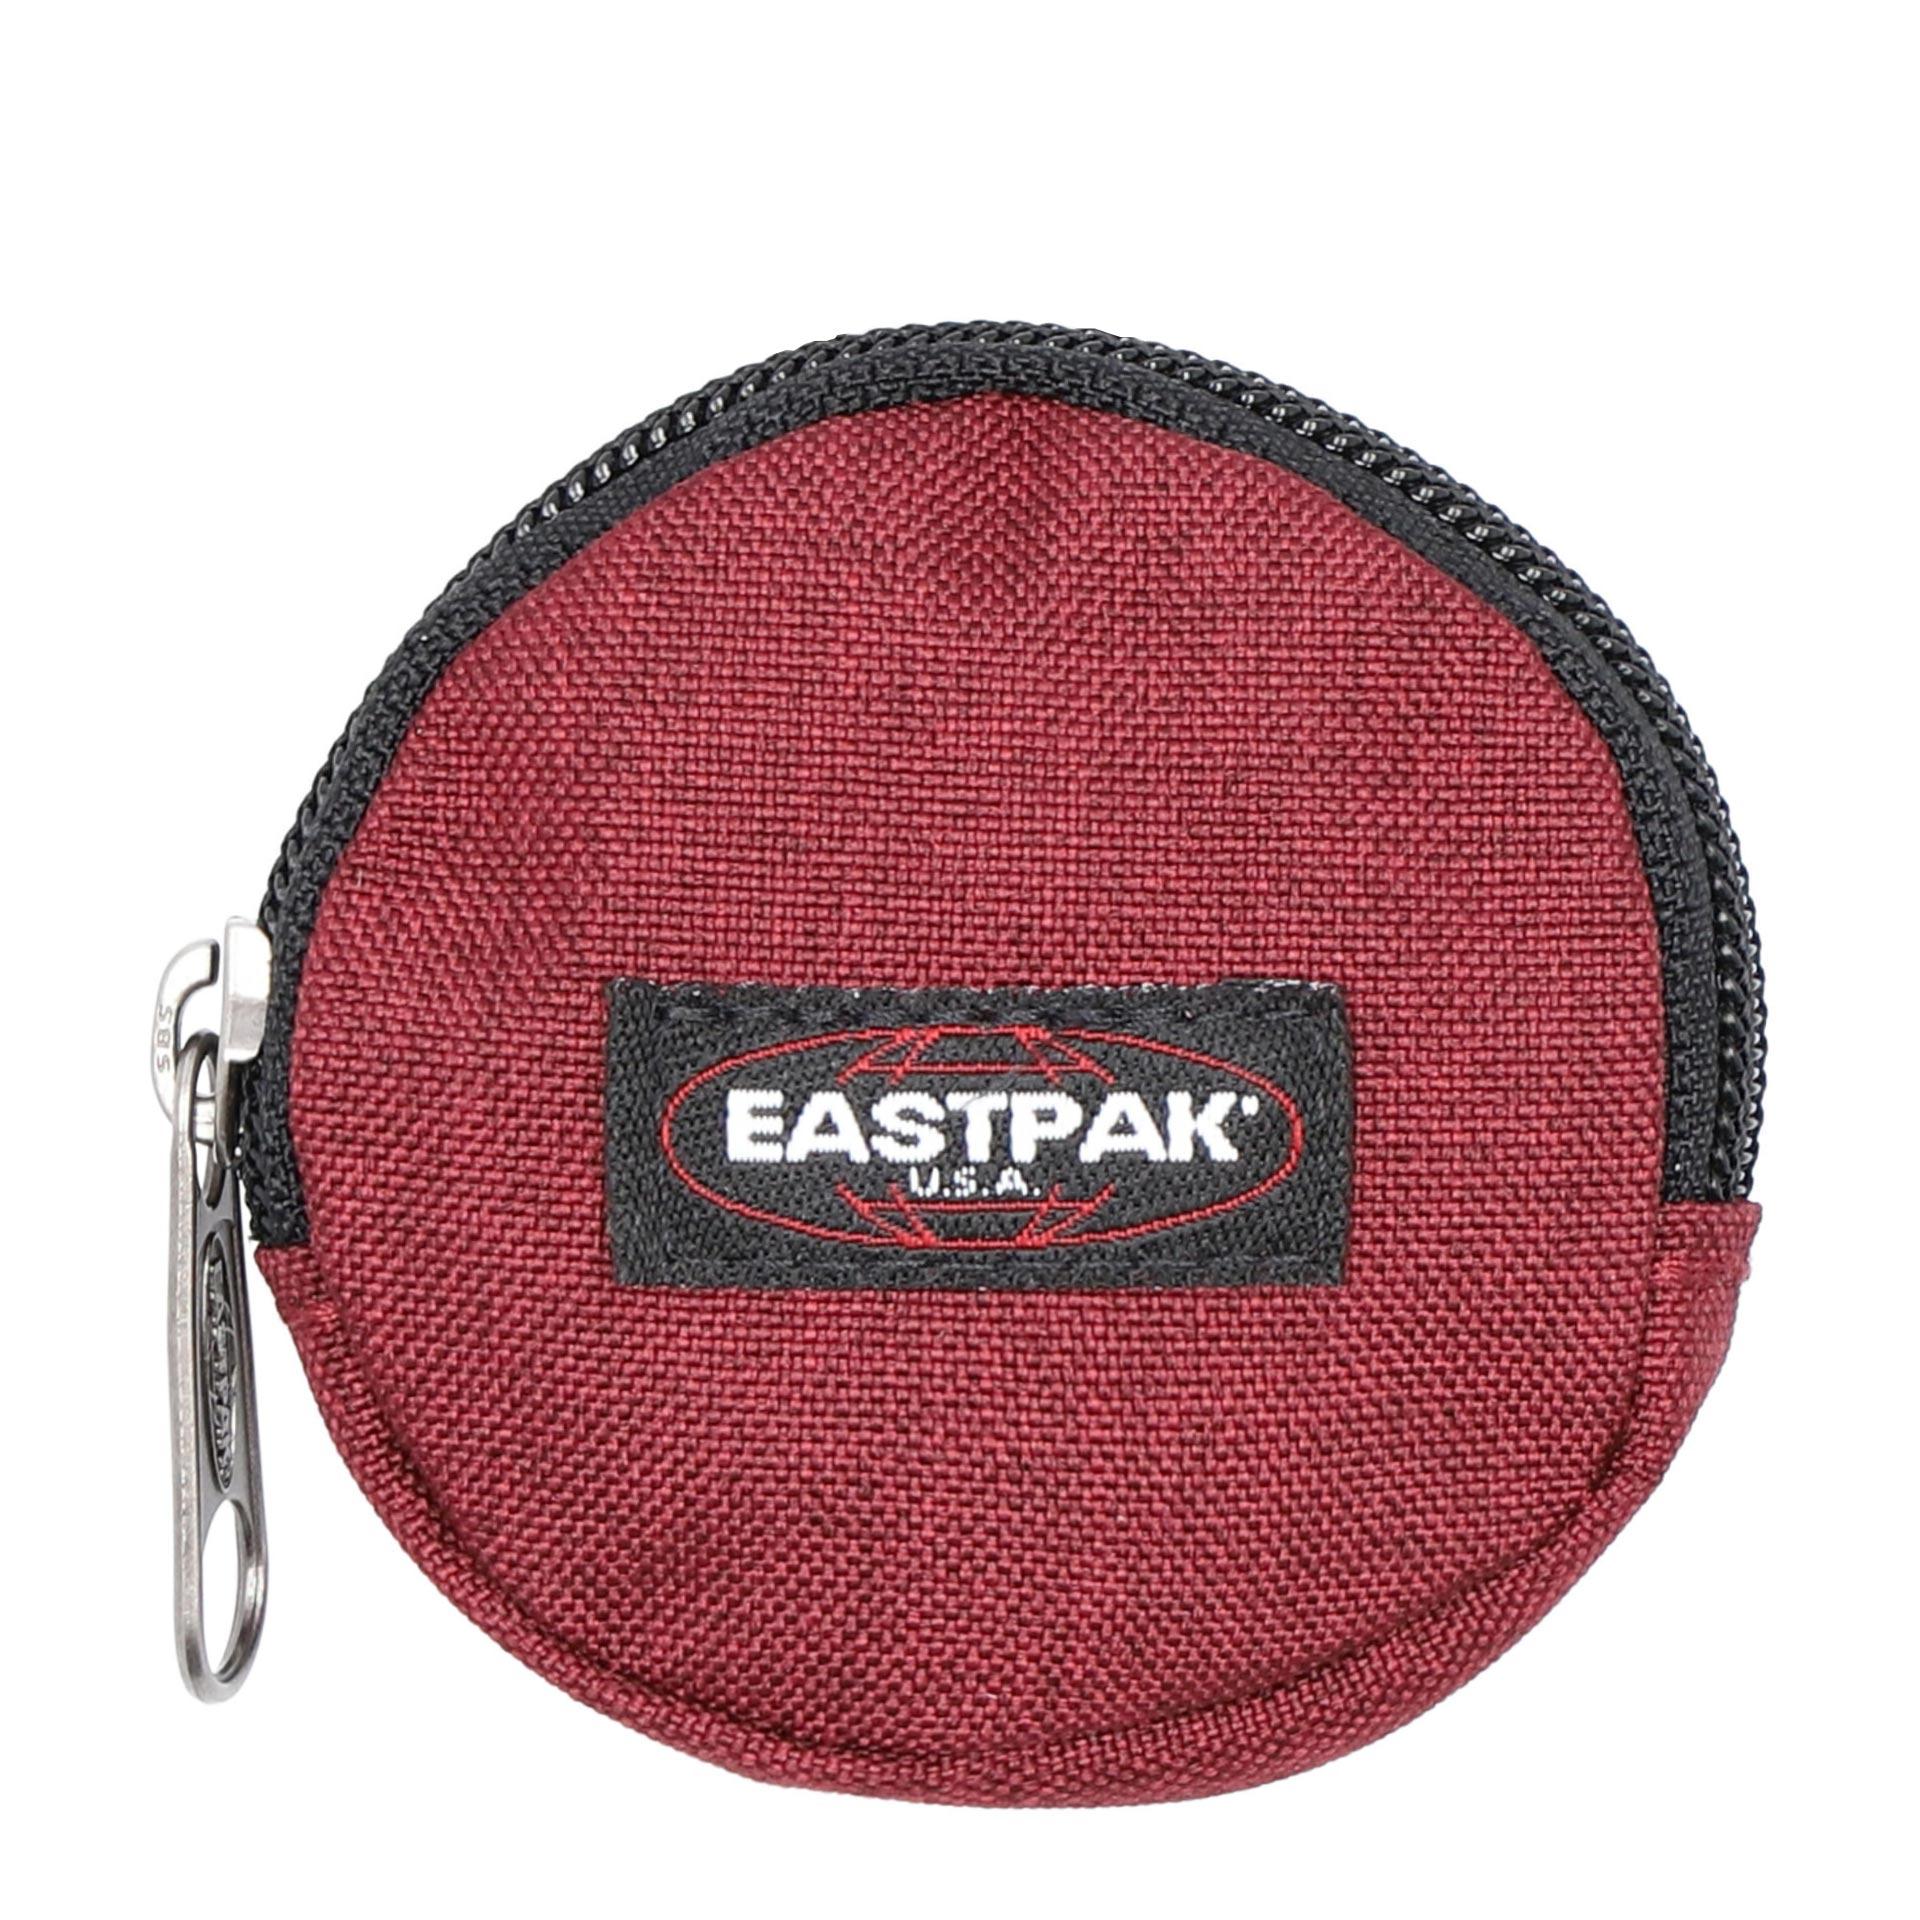 Eastpak Groupie Single Kleingeldbörse craft ywine